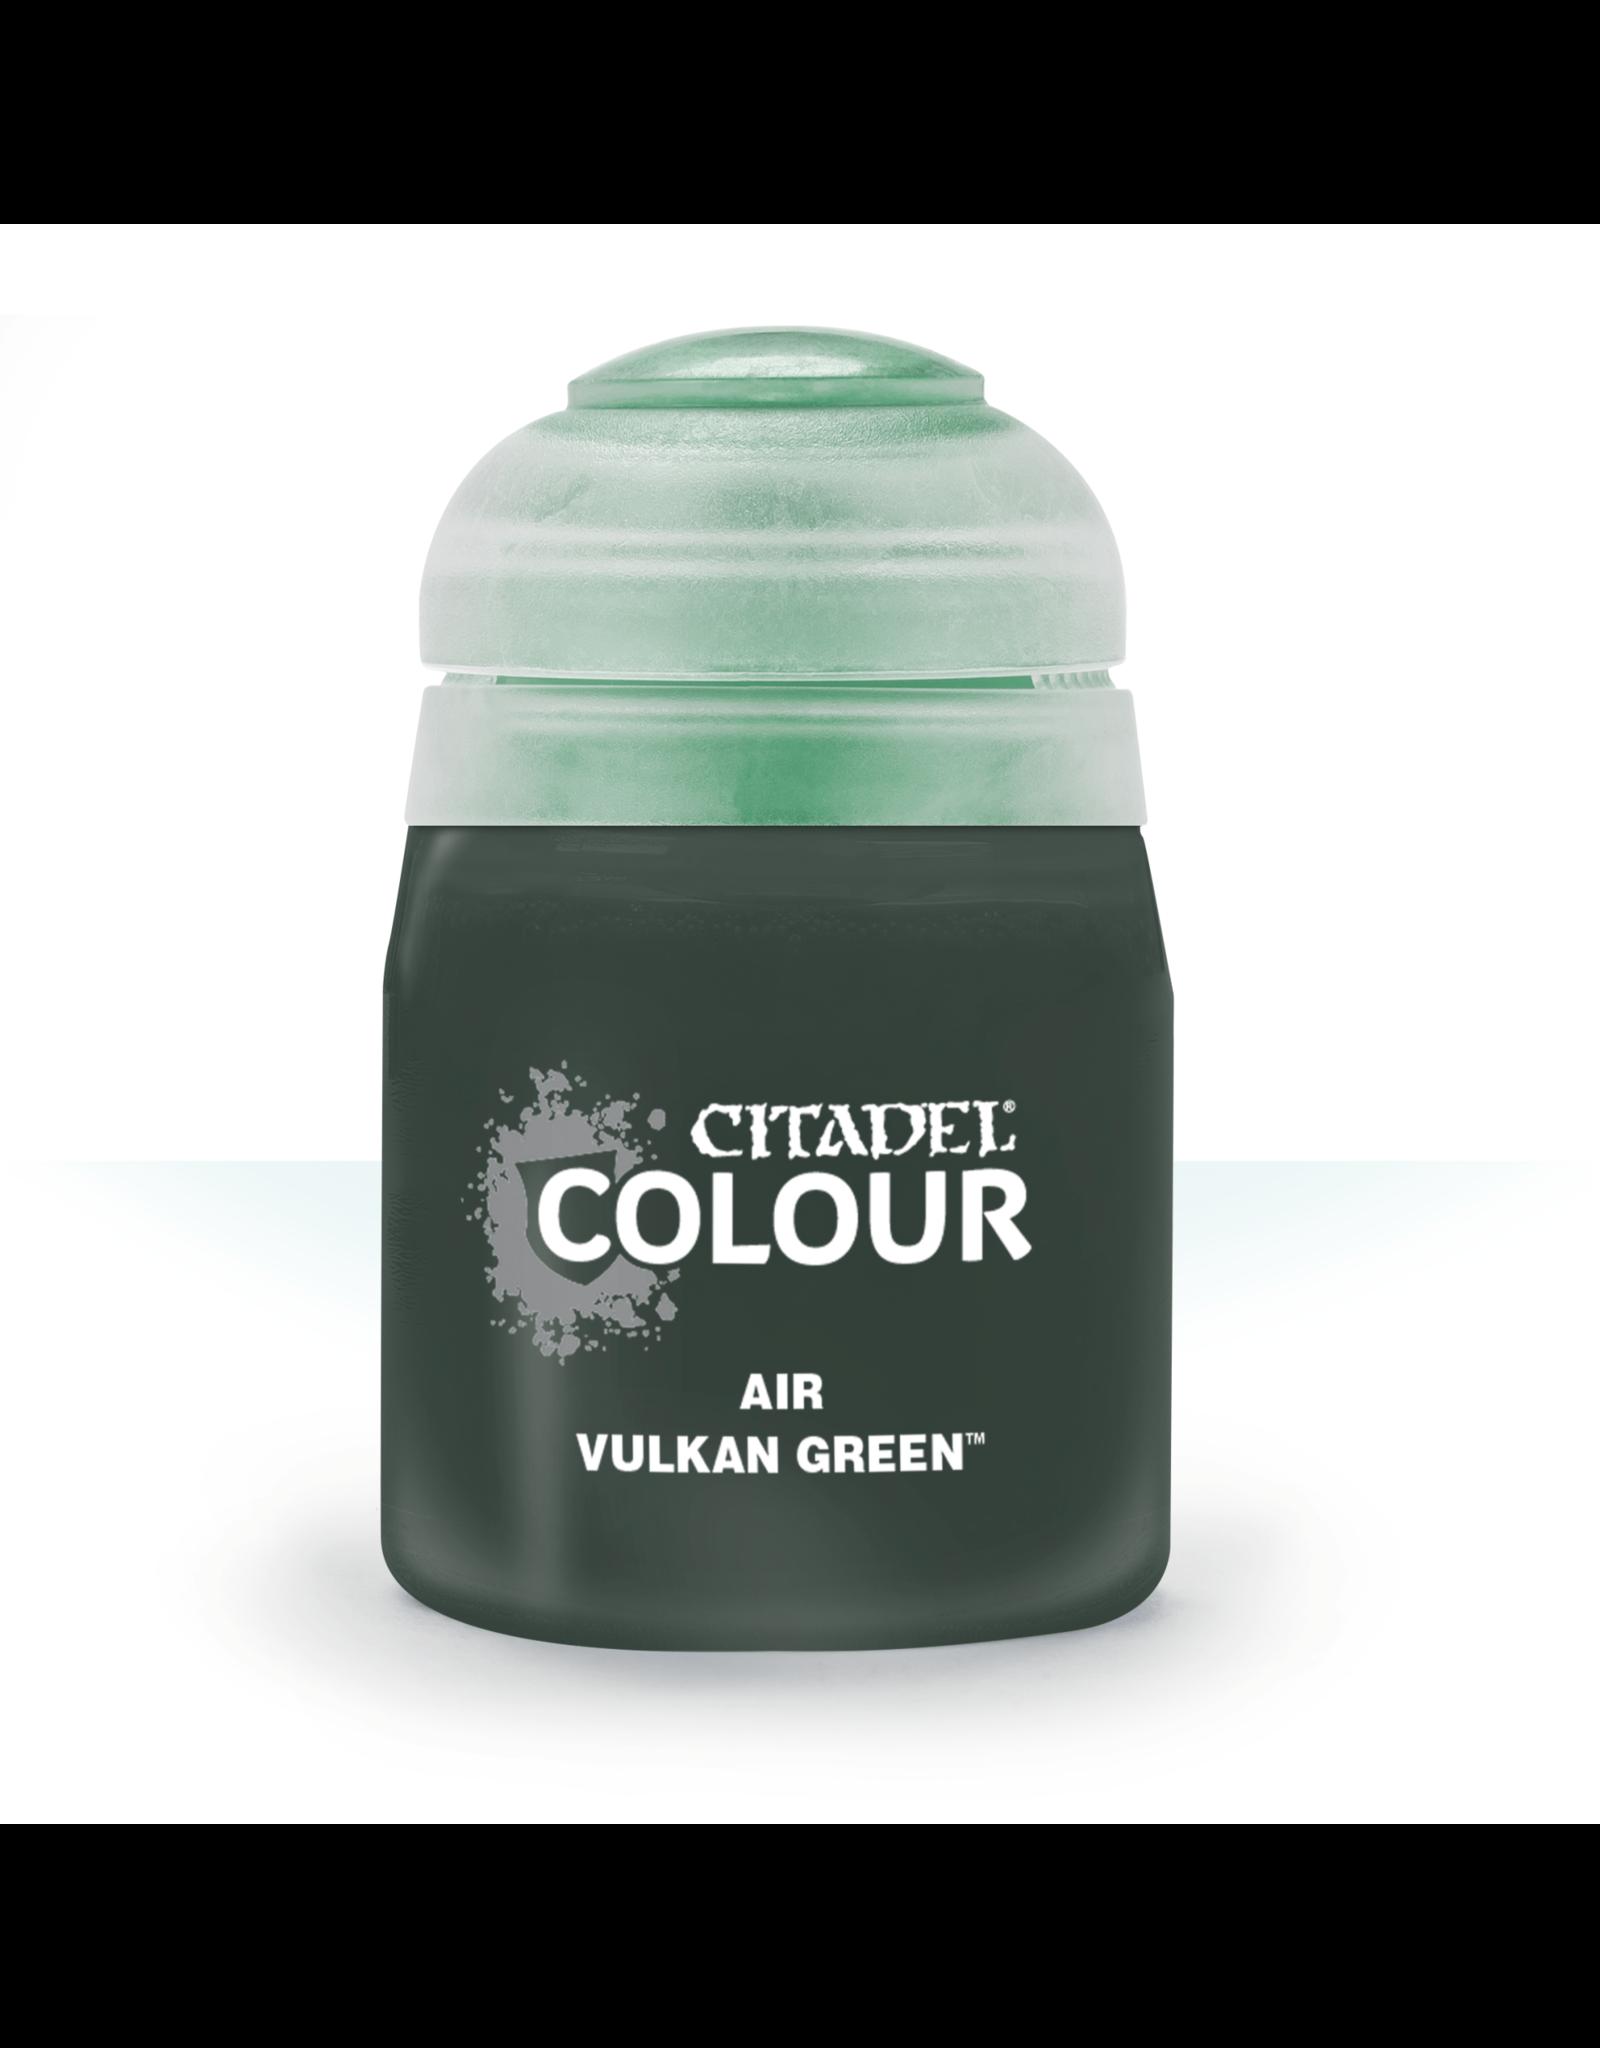 Citadel Citadel Paints Air Paint Vulkan Green